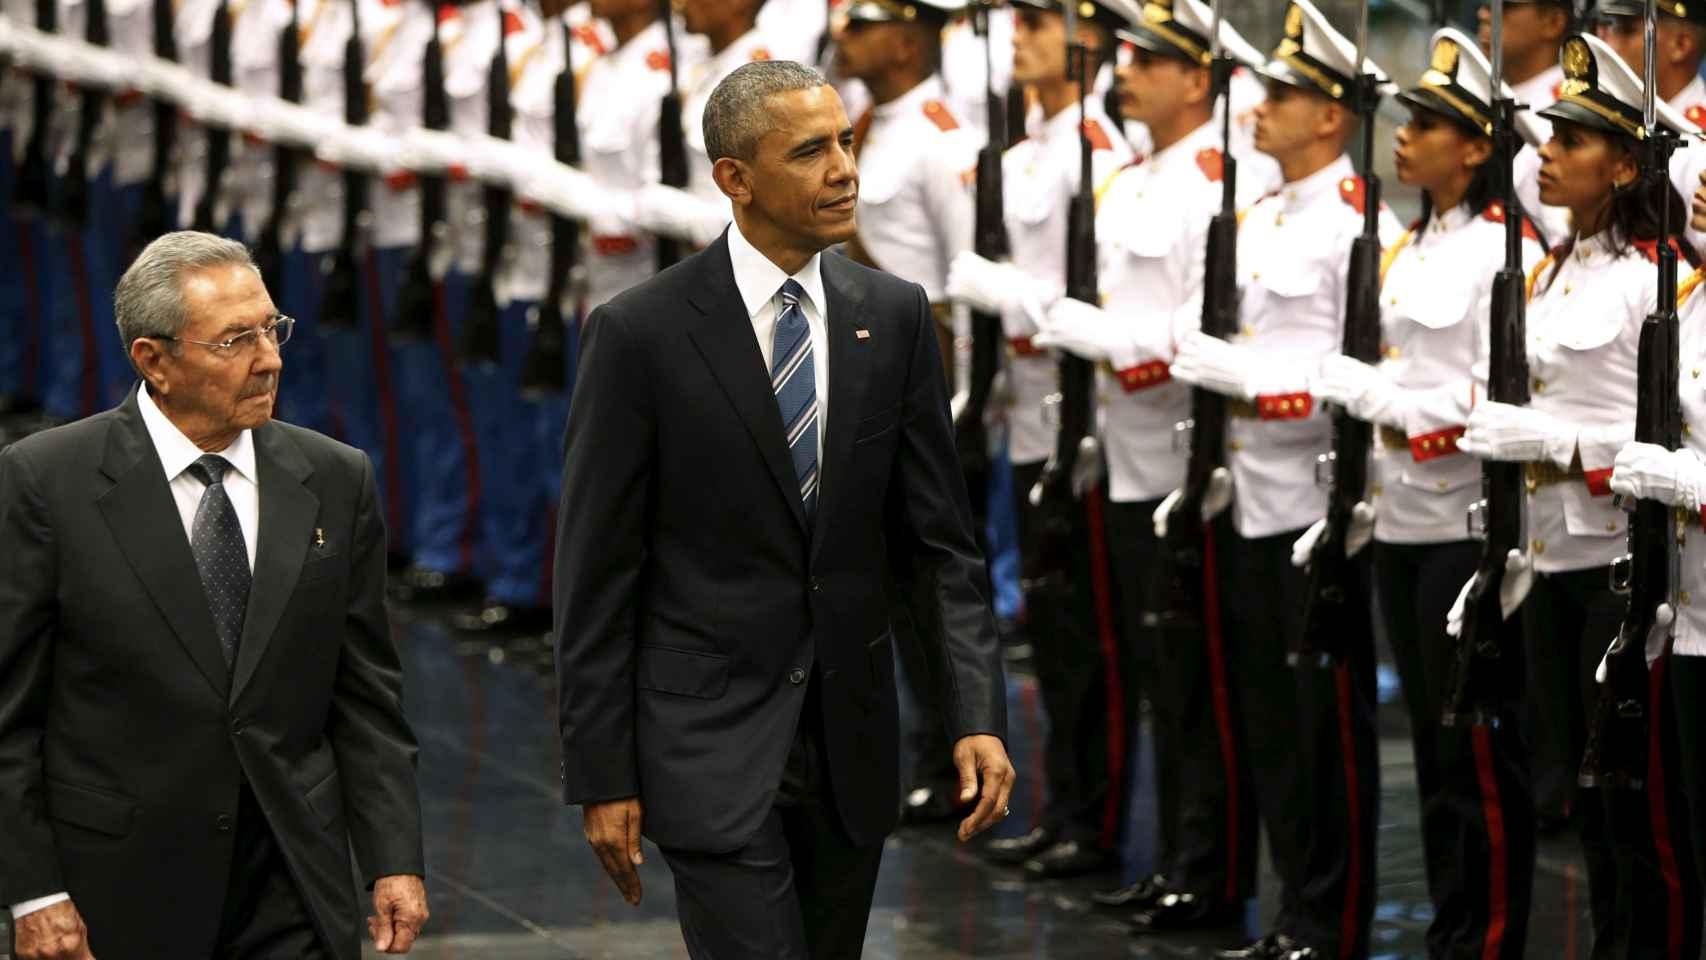 El presidente cubano, Raul Castro, junto a su homólogo estadounidense Barack Obama.